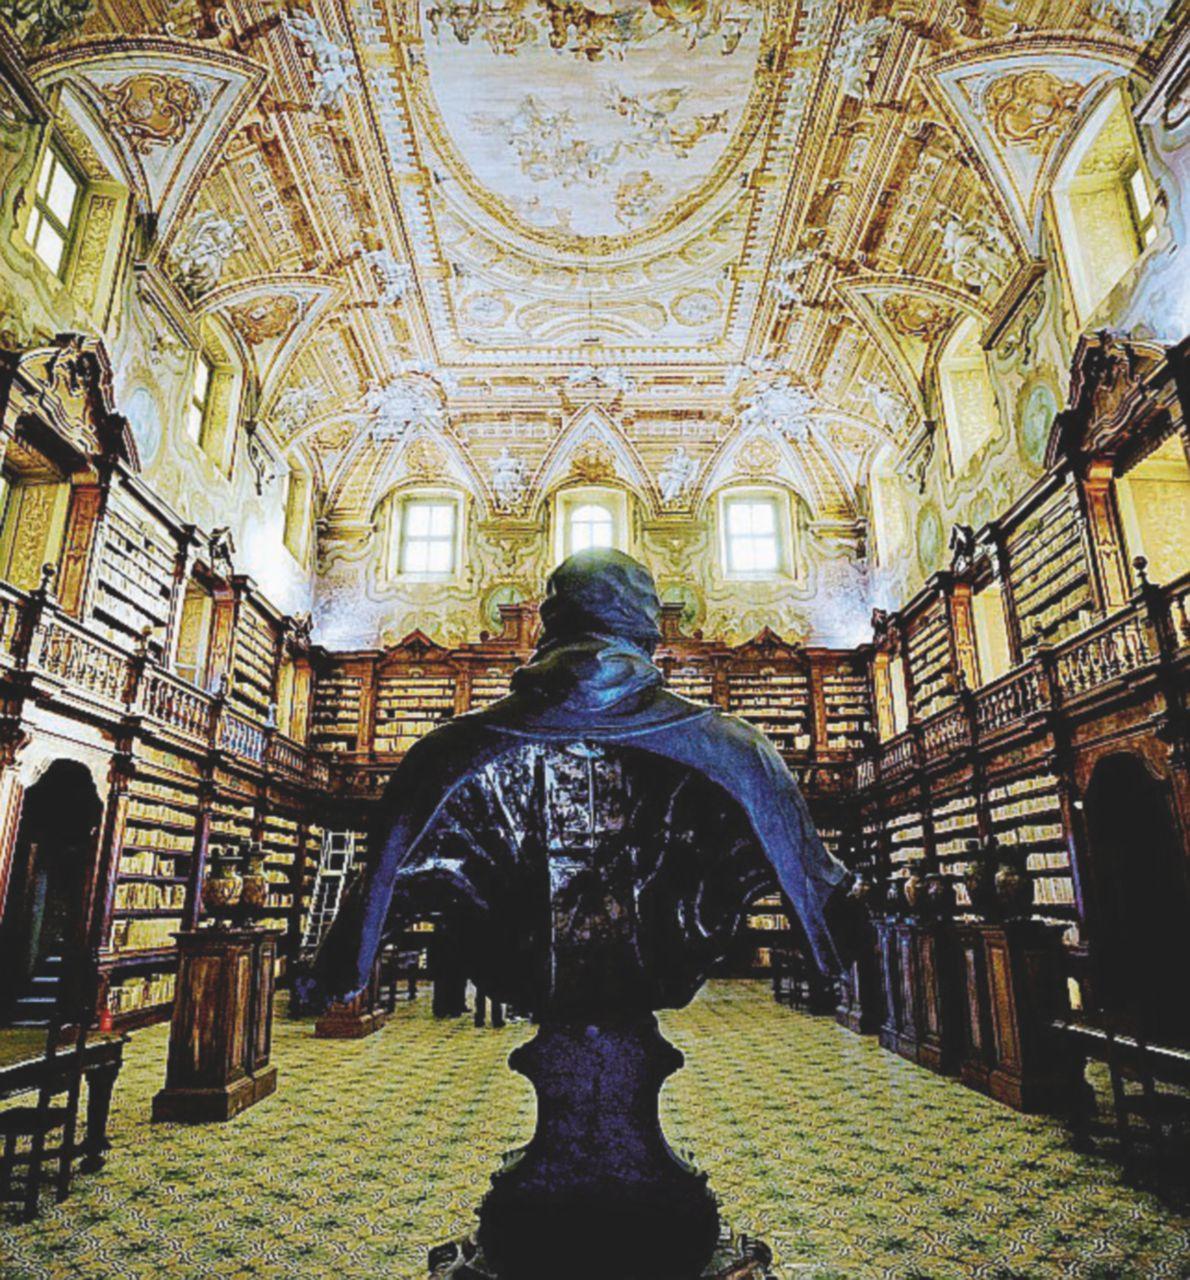 San Gennaro, fai il miracolo: restituisci i Girolamini a chi ne è veramente degno